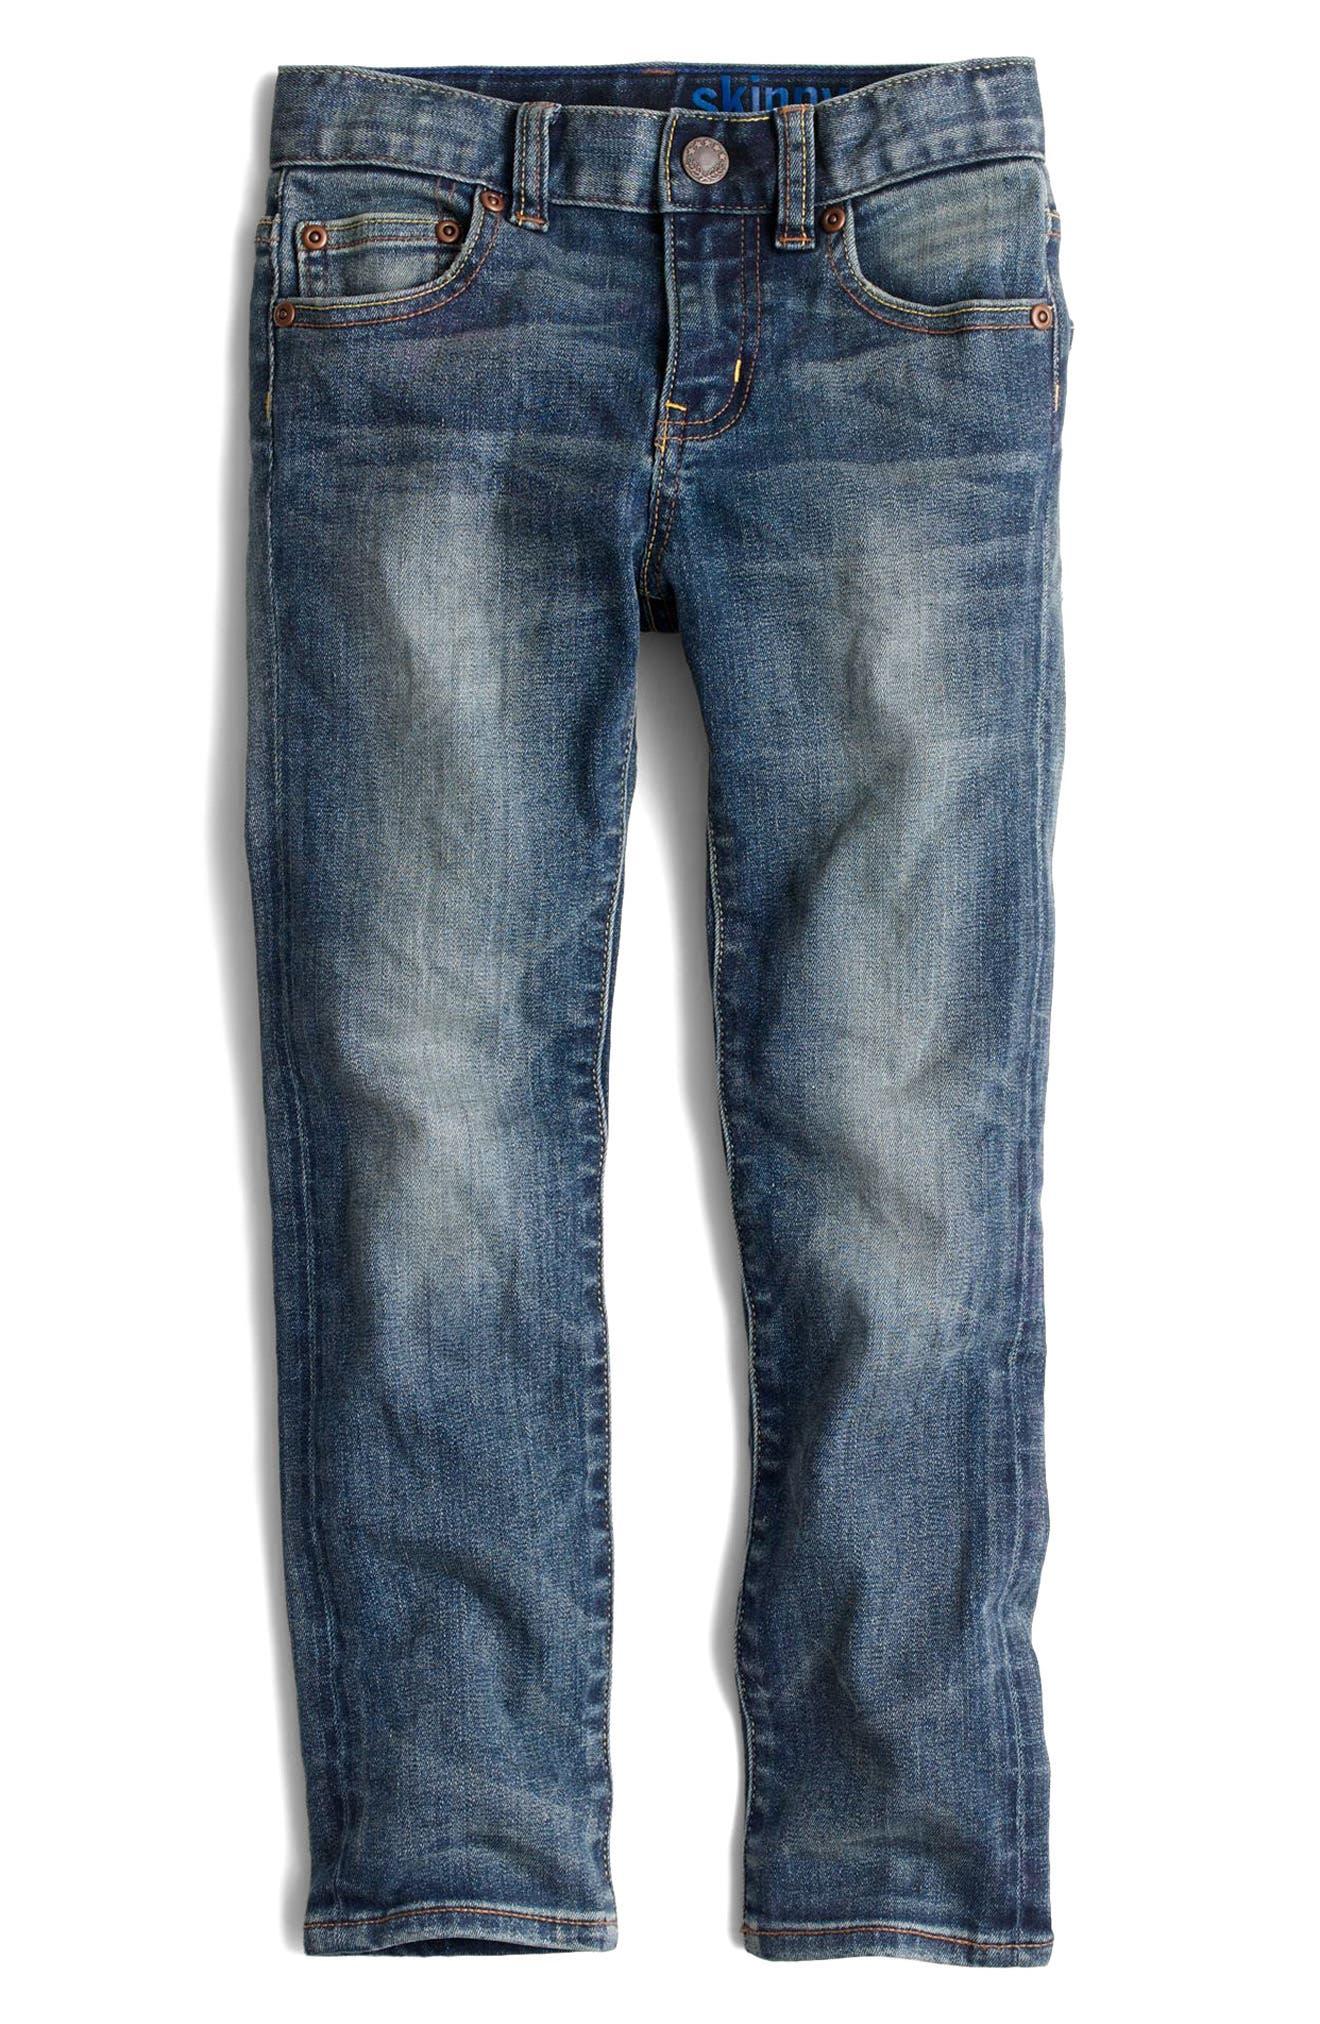 Vintage Wash Stretch Skinny Fit Jeans,                         Main,                         color, Vintage Wash